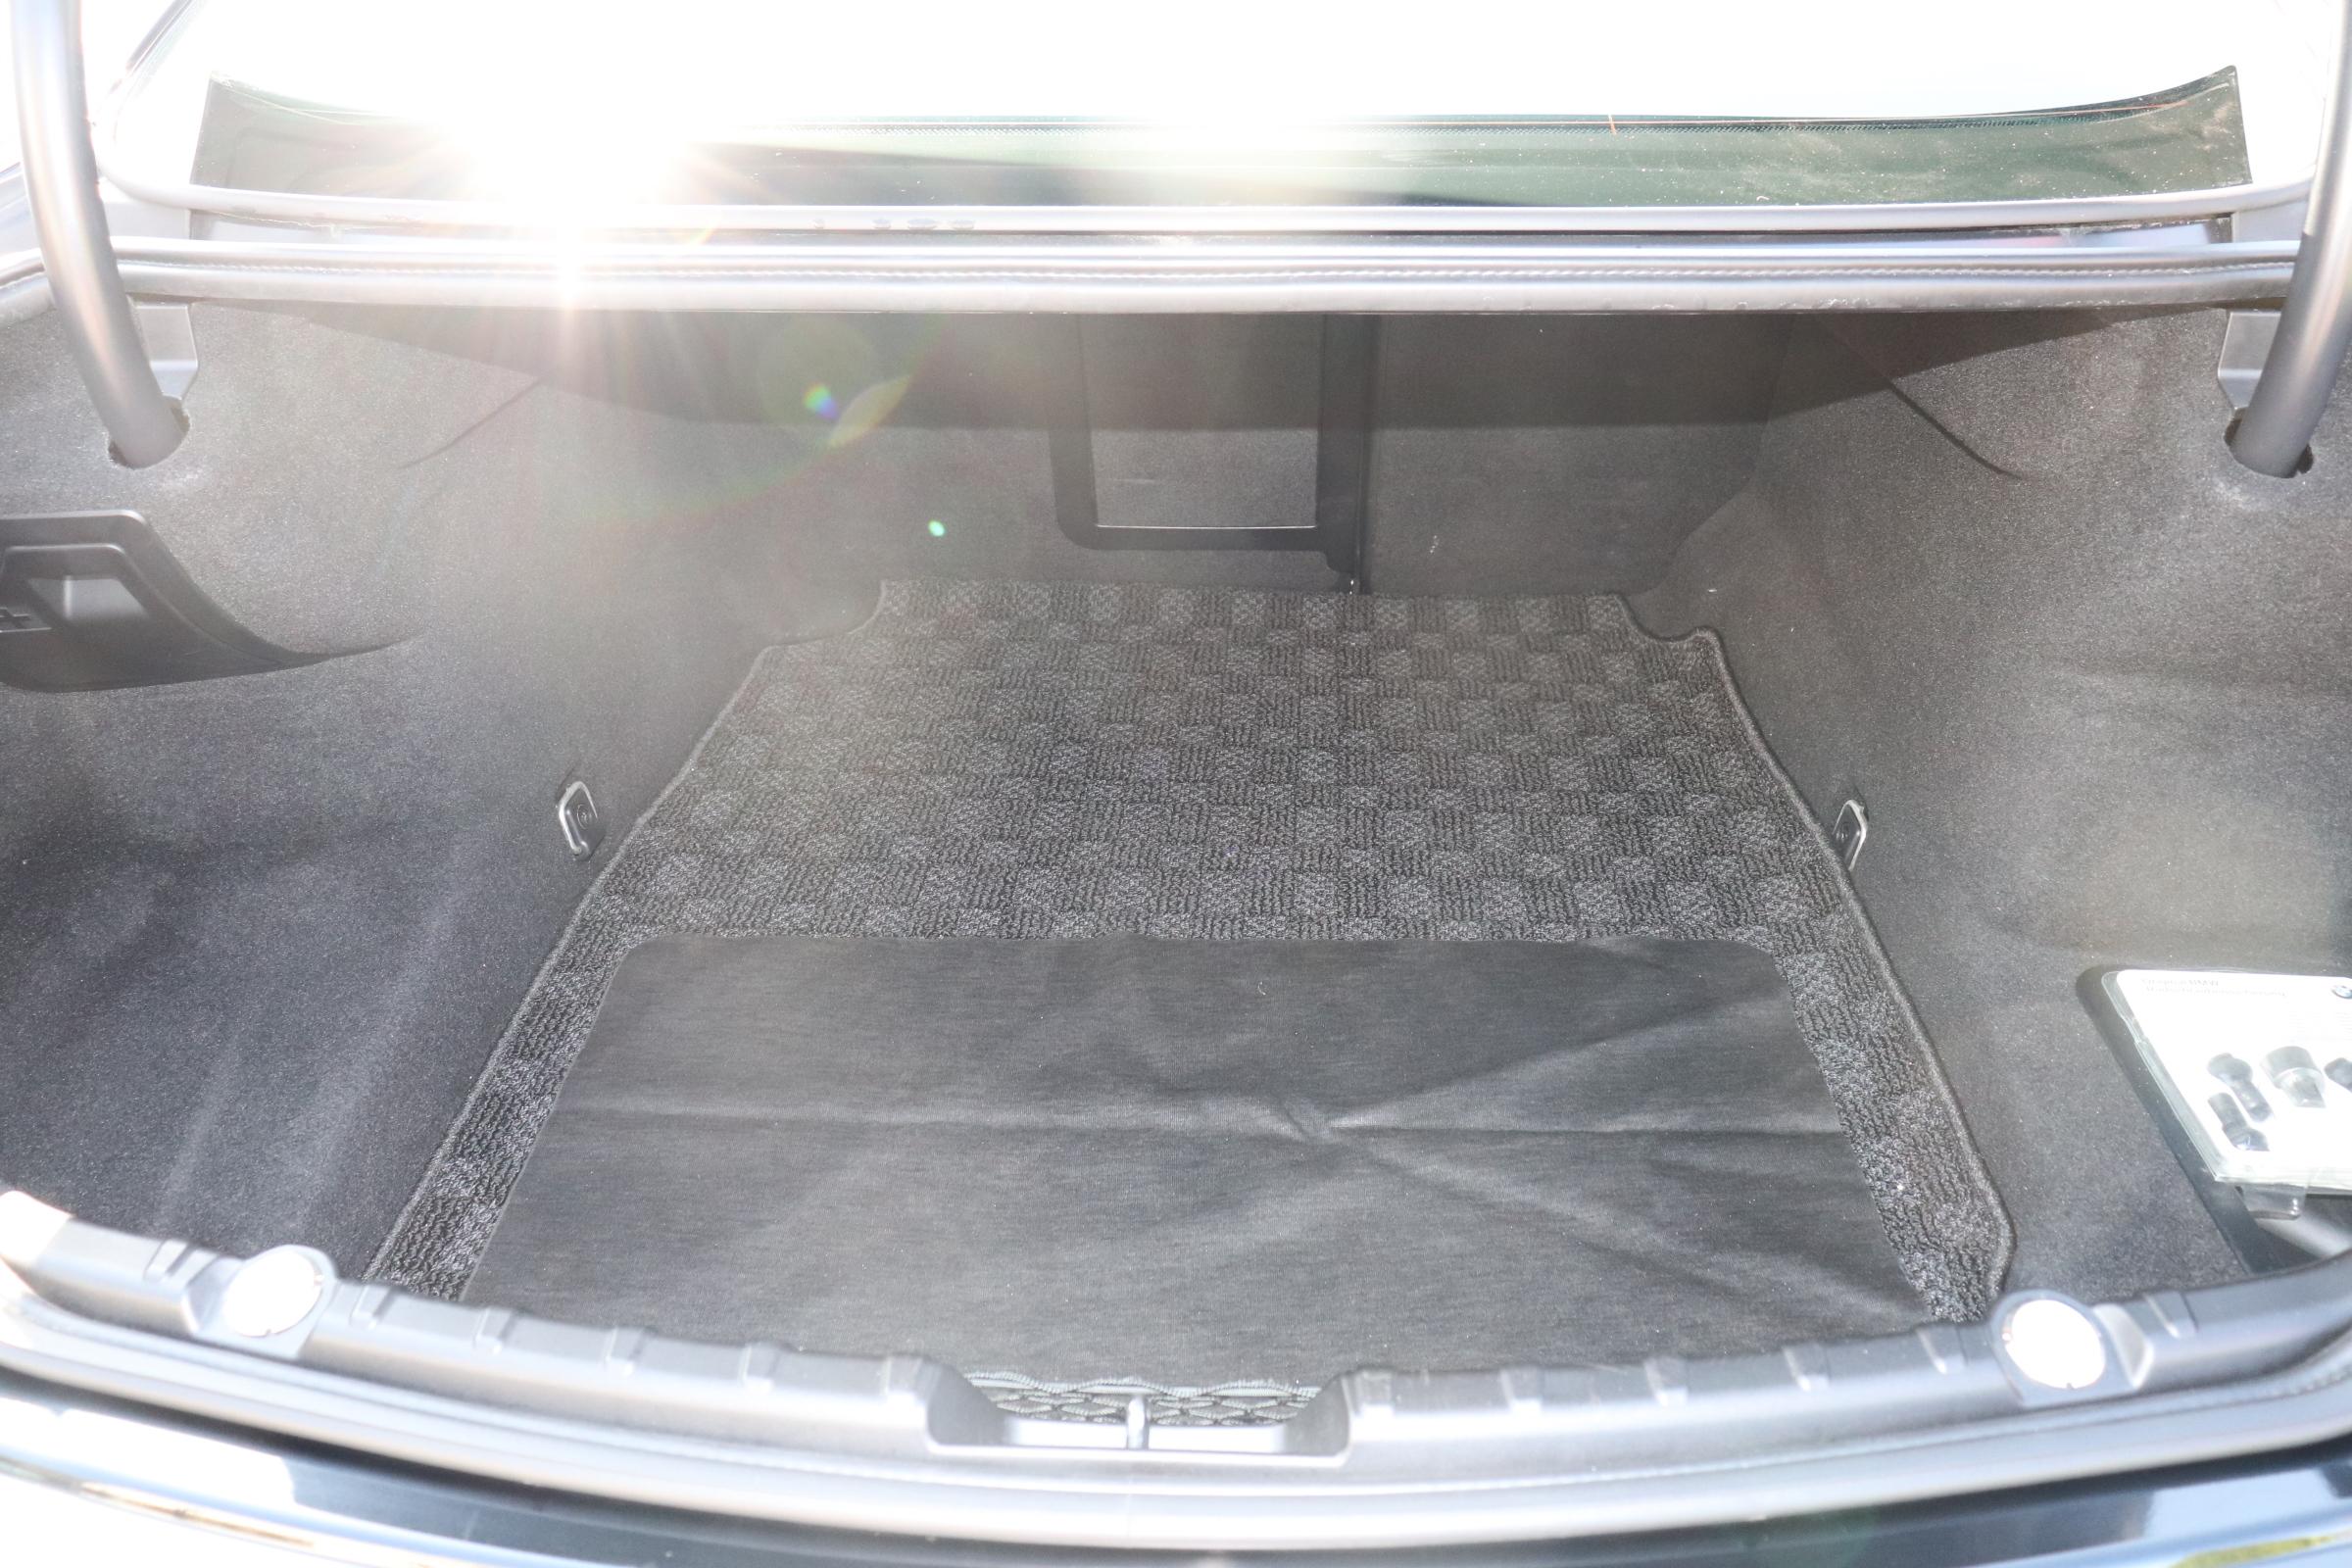 640iグランクーペ Mスポーツ サンルーフ LEDヘッドライト パドルシフト車両画像15